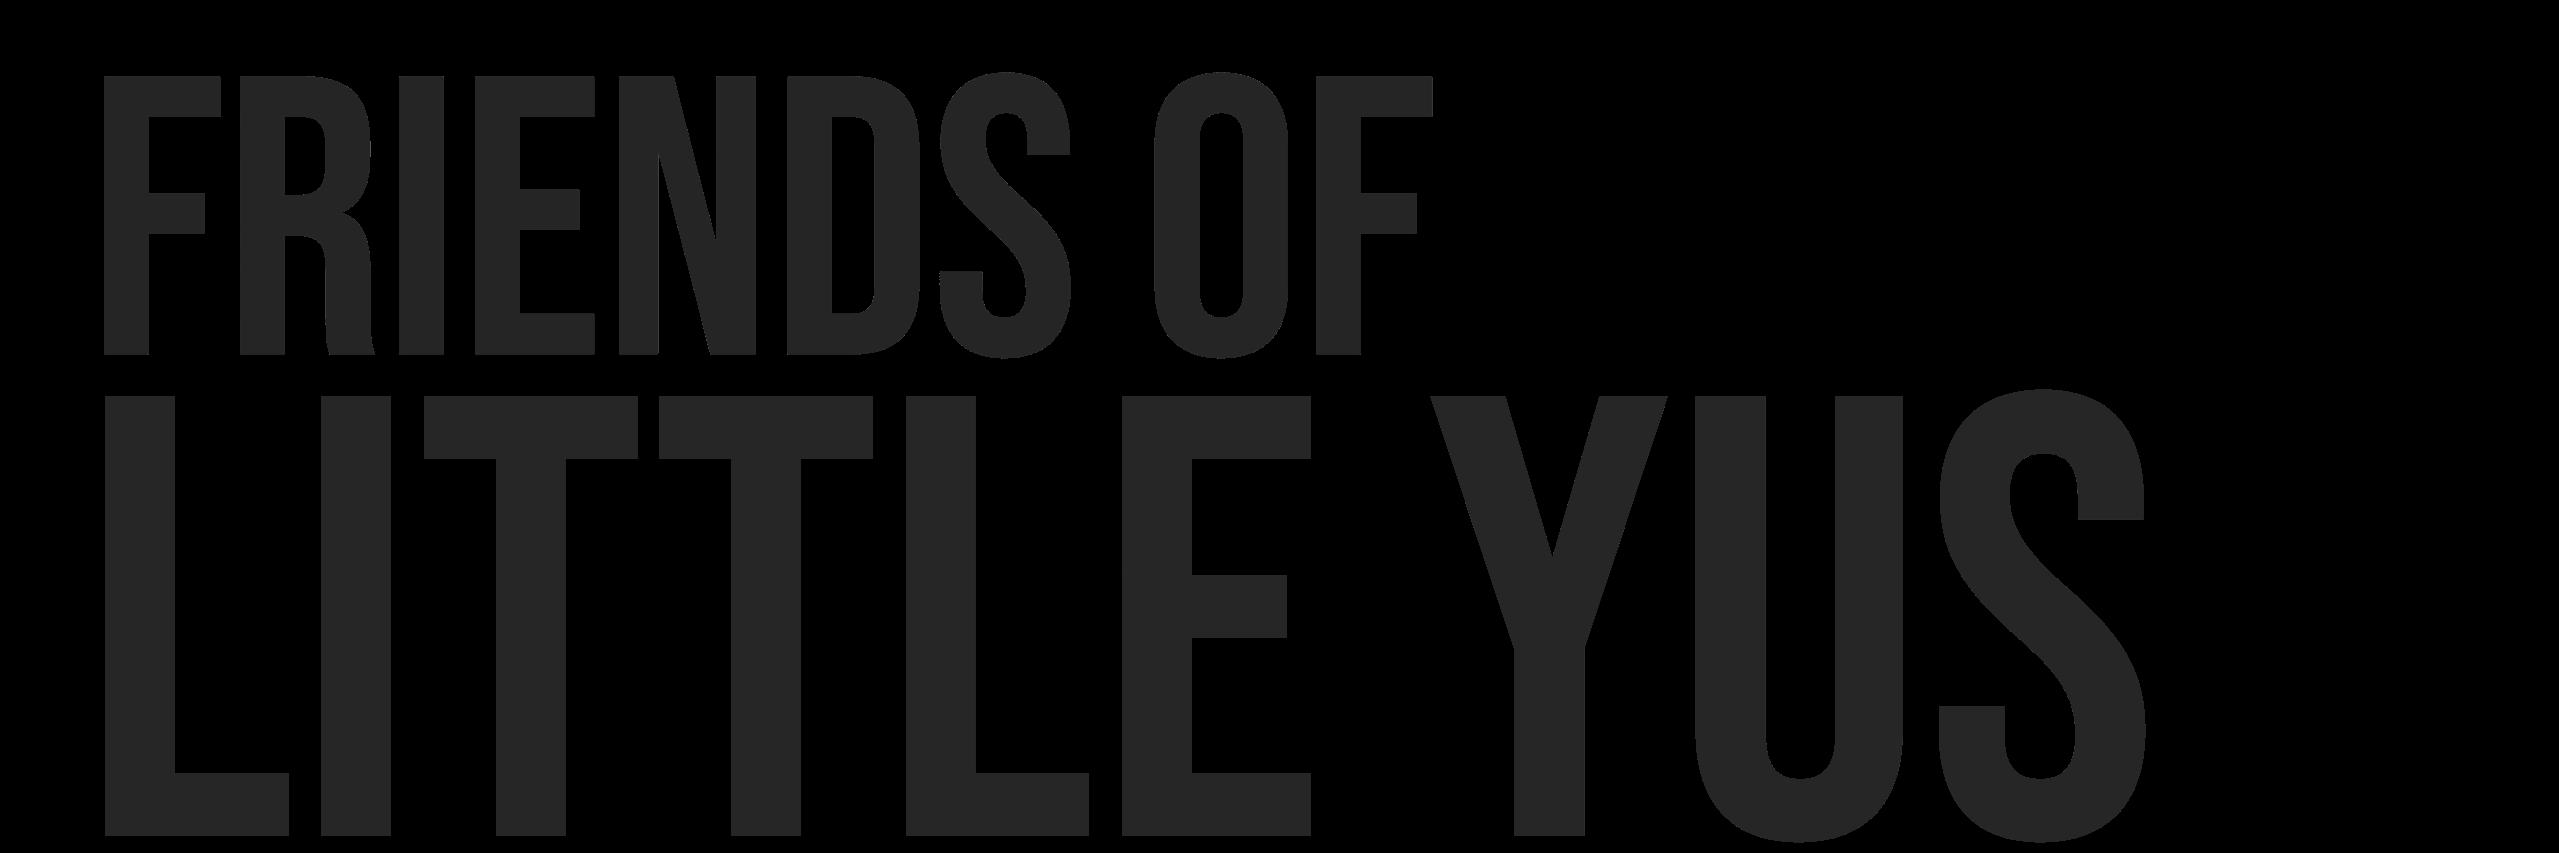 Friends of Little Yus